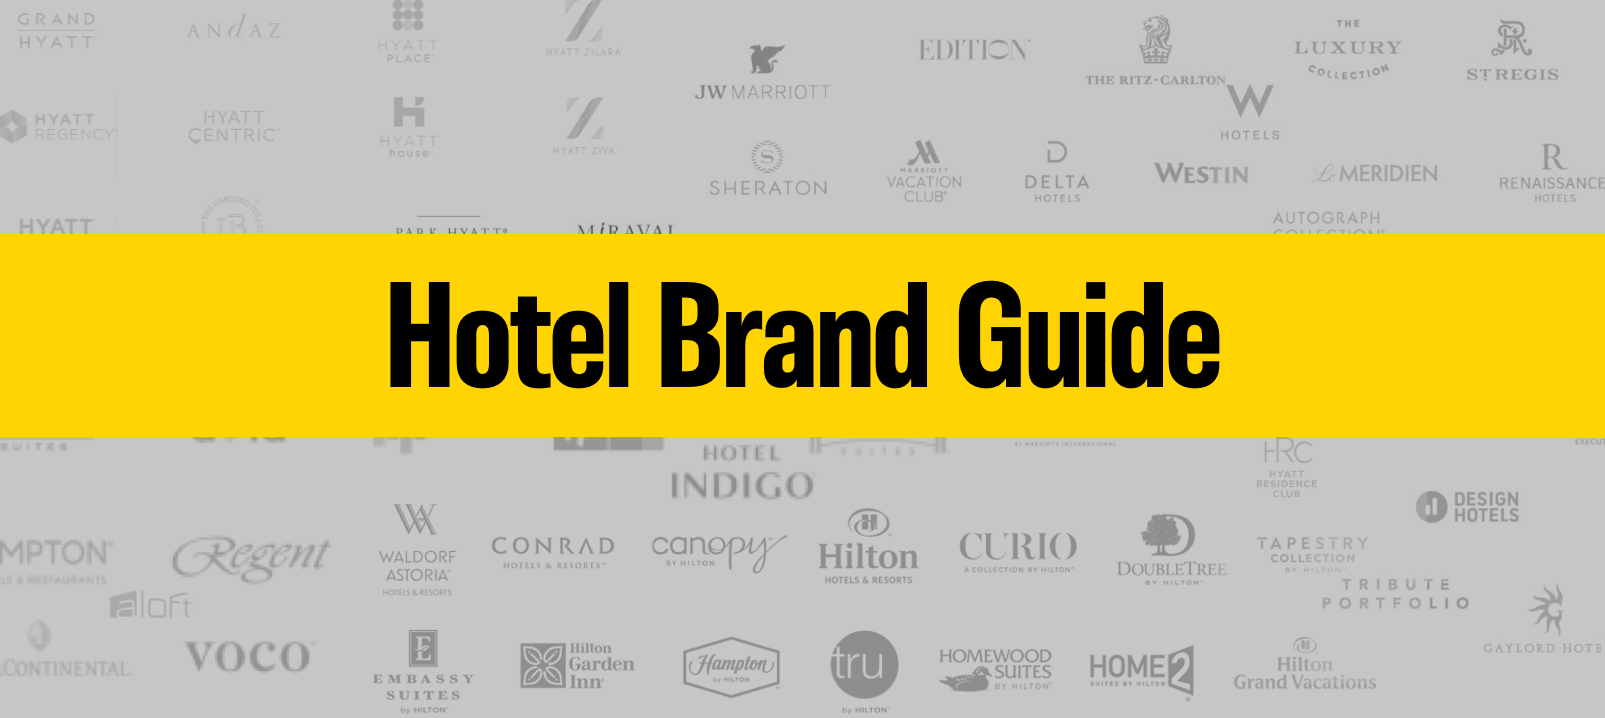 Hotel Brands Chains Marriott Hyatt Hilton Ihg Who Owns What